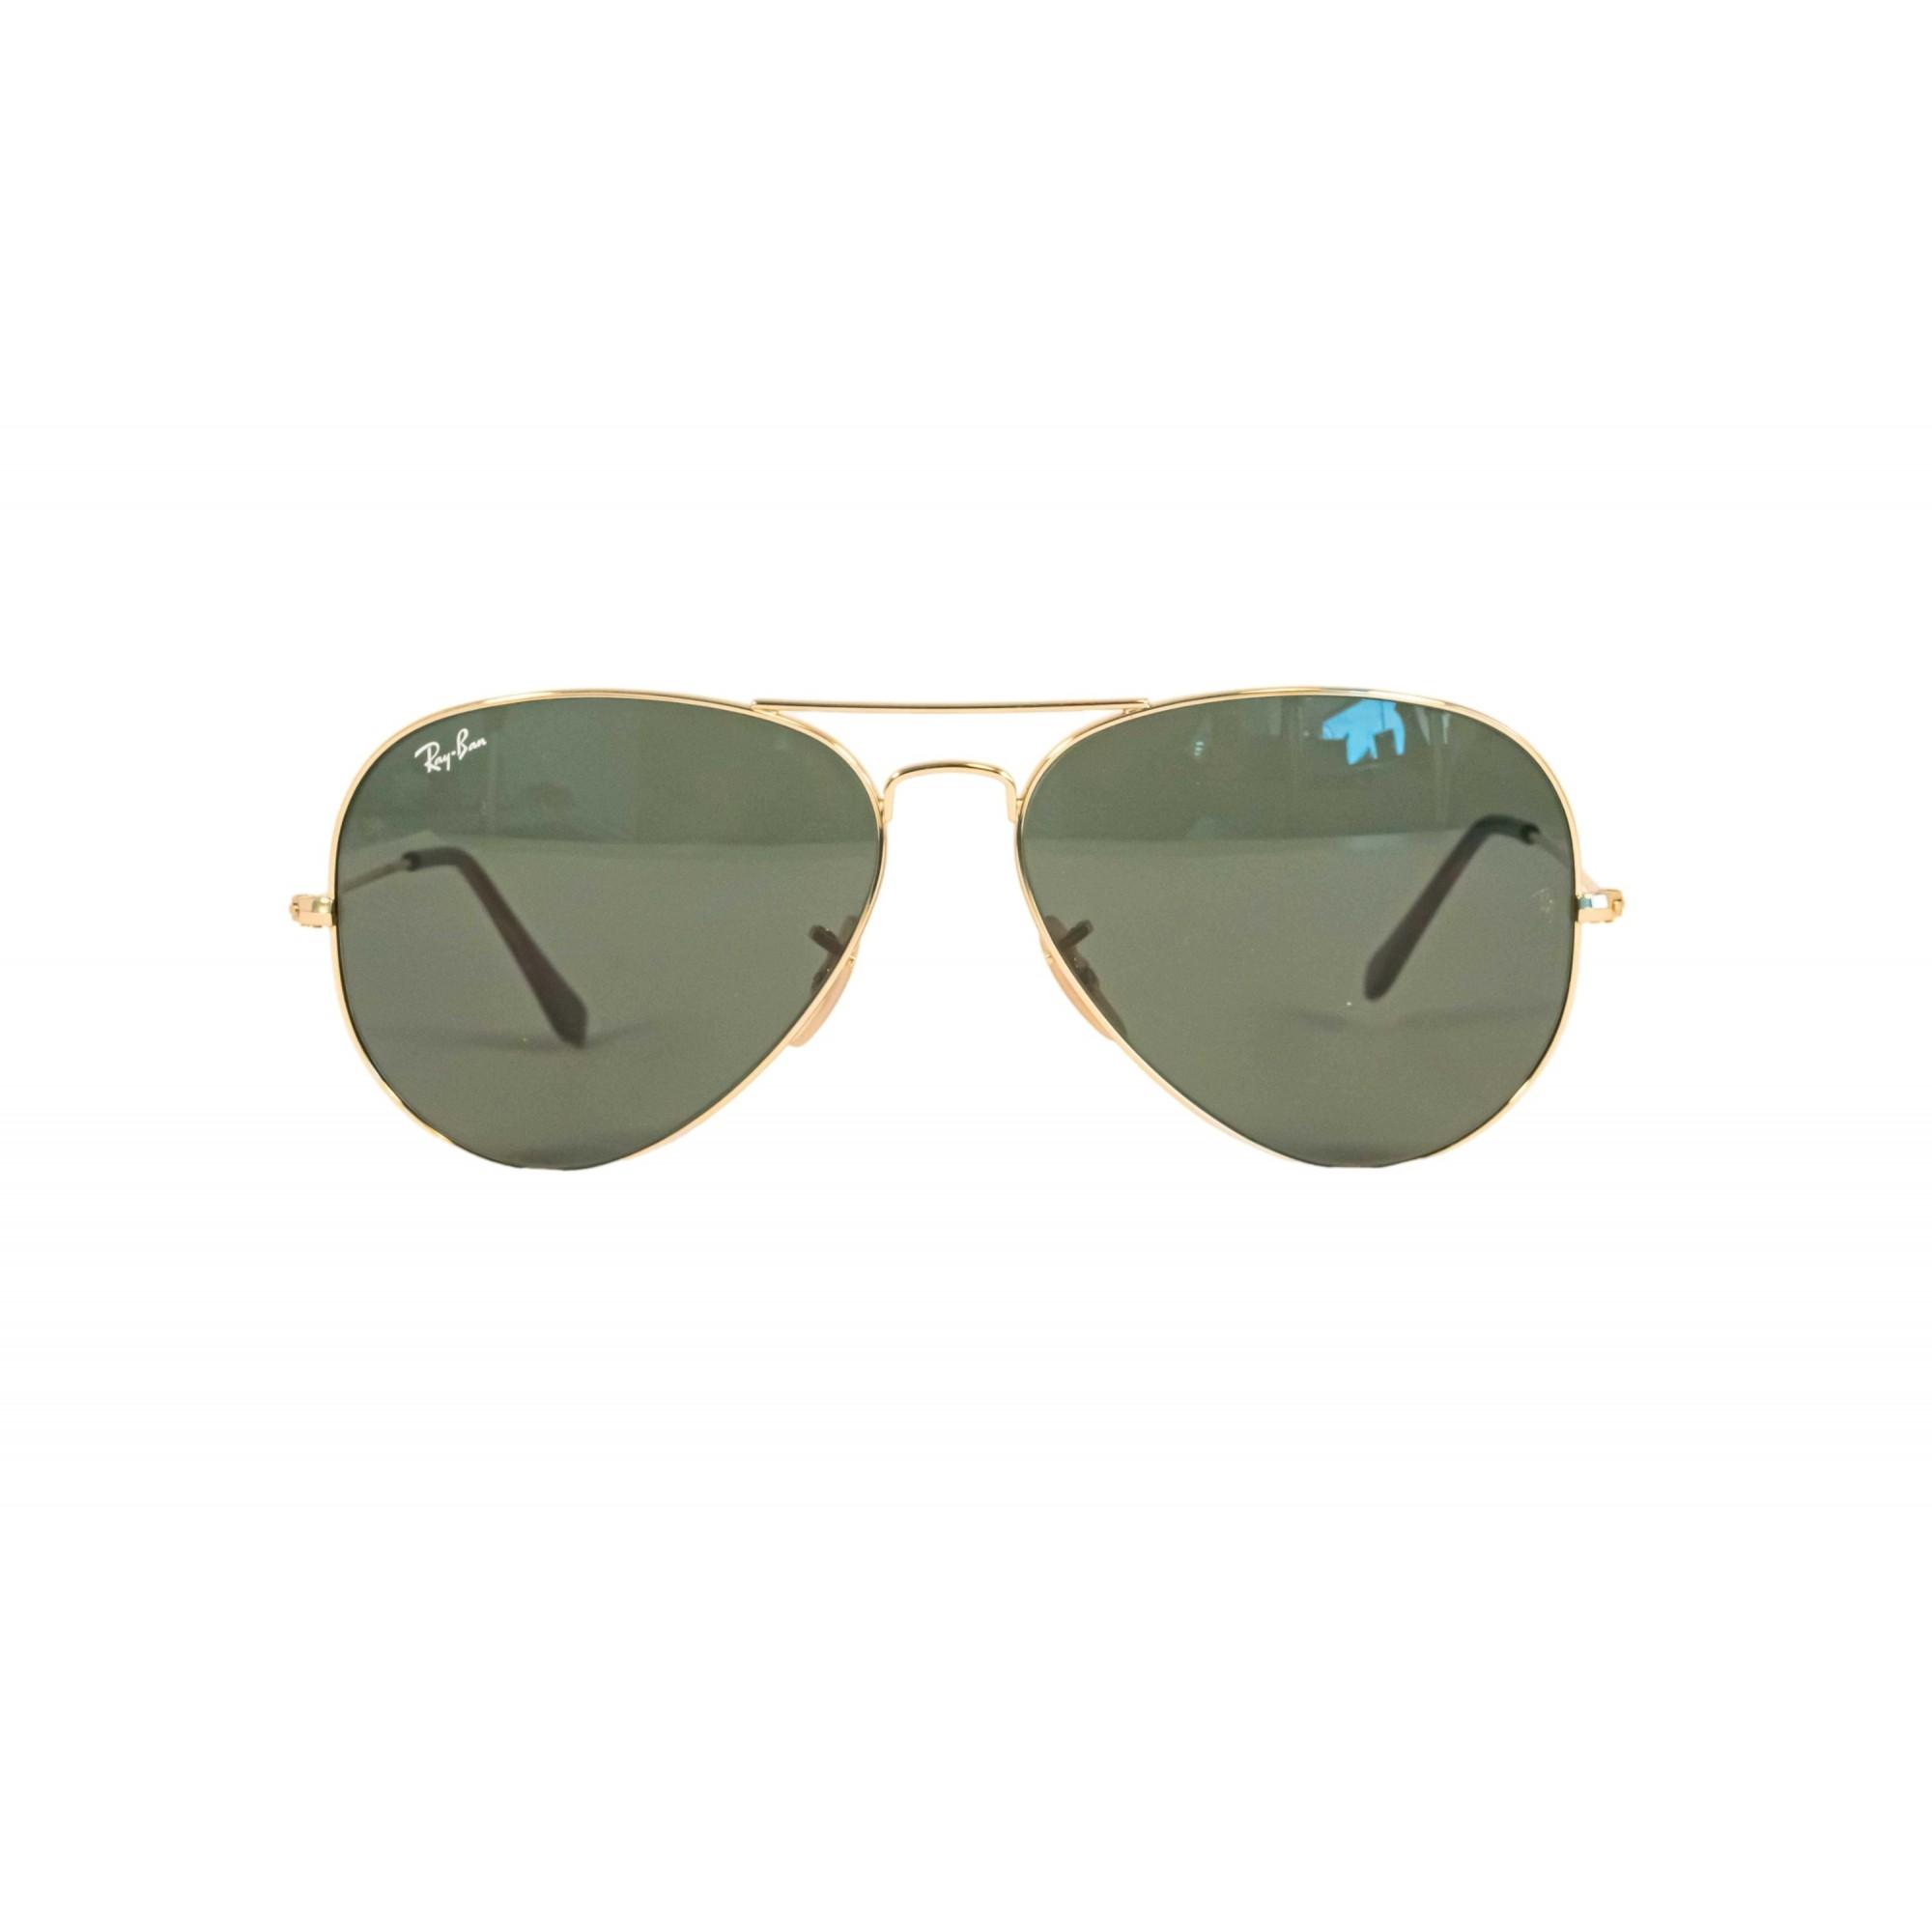 Óculos Ray Ban Aviador 3025l 181 62 Dourado